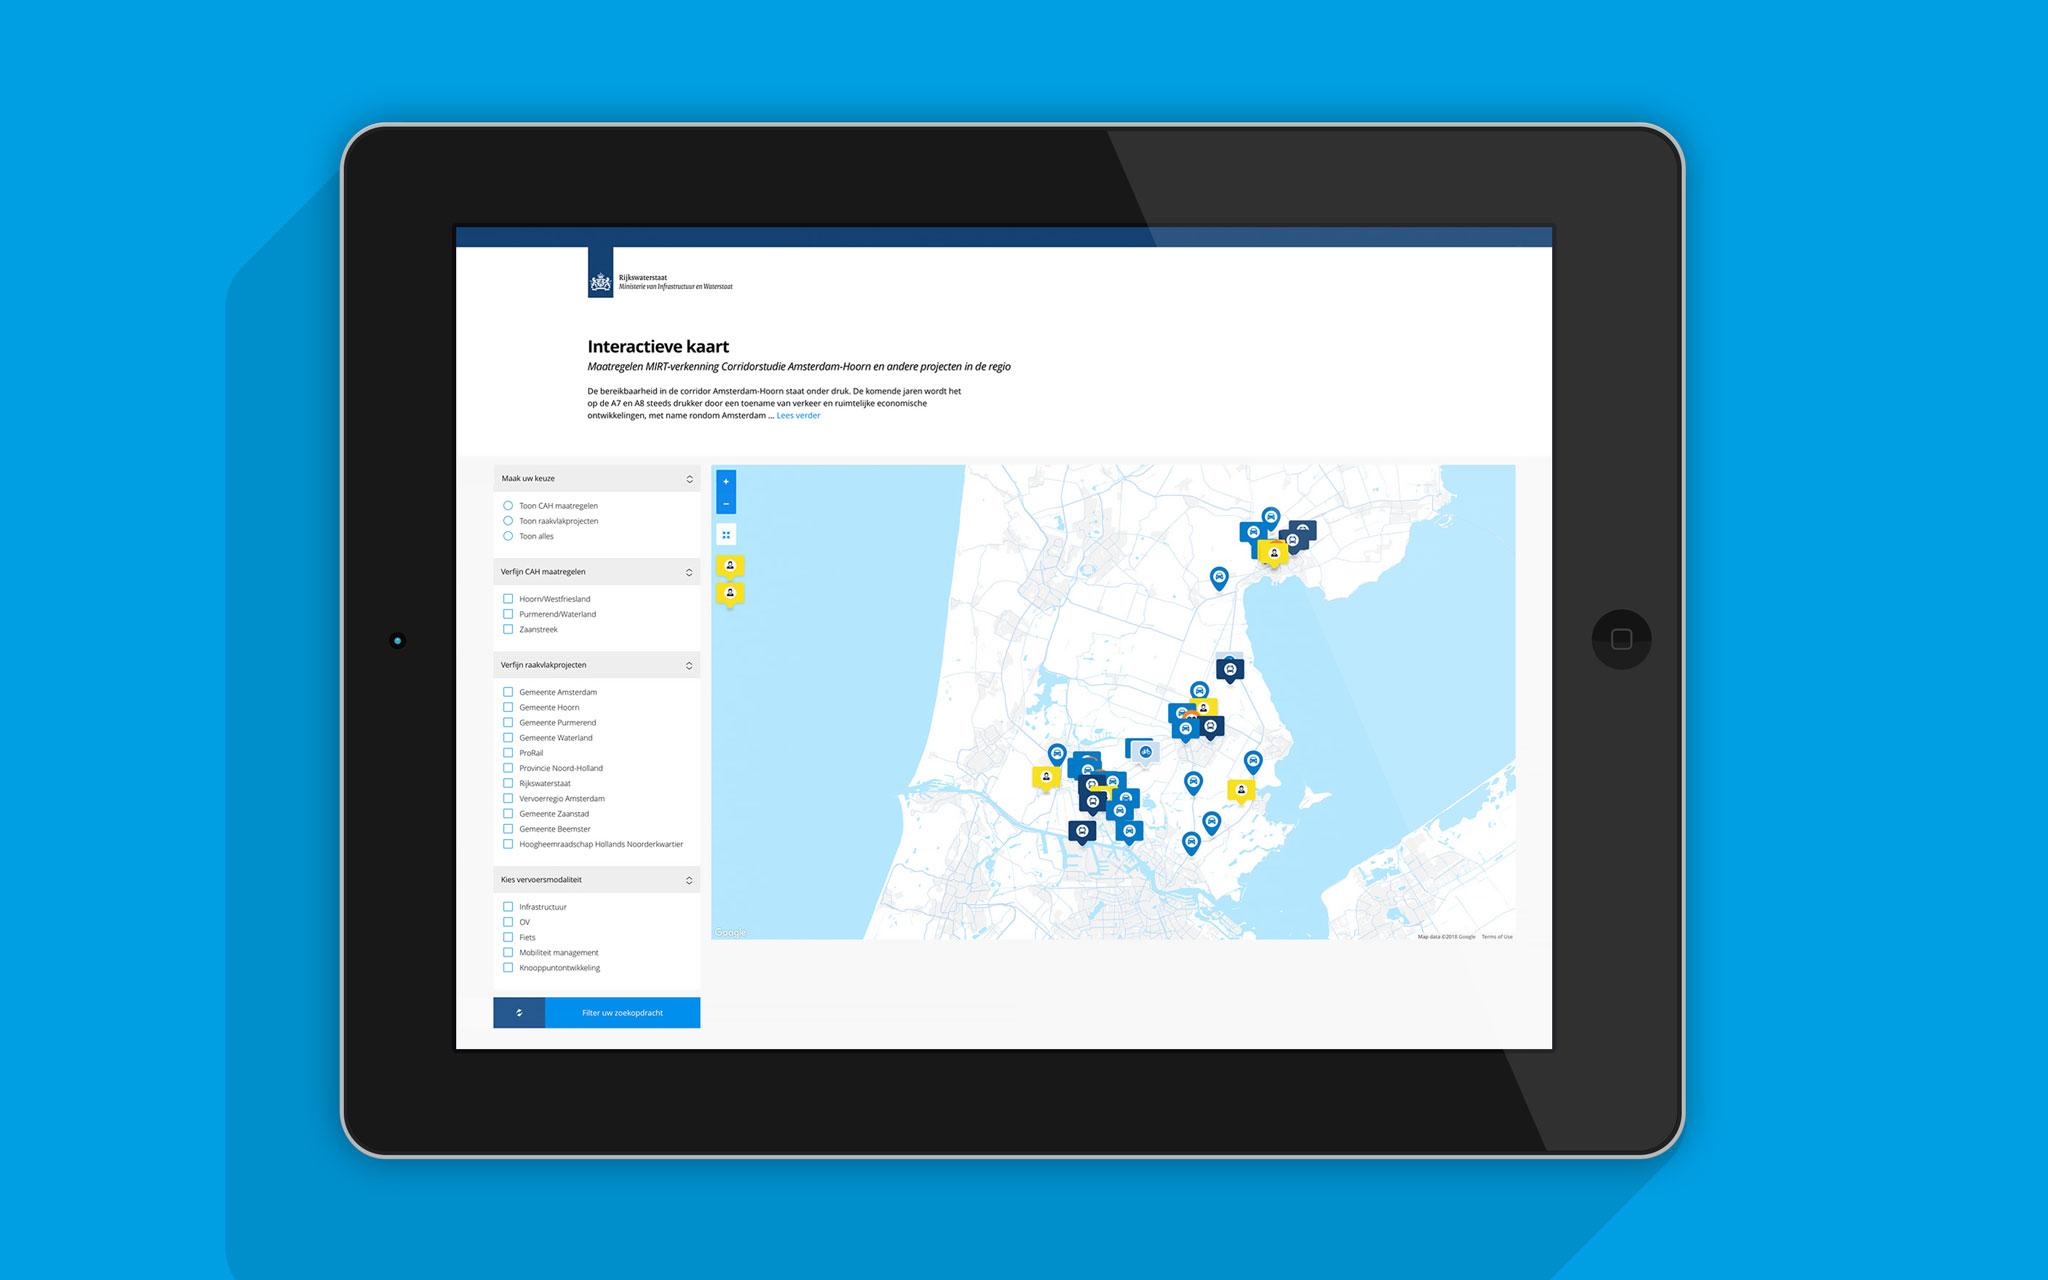 Rijkswaterstaat interactieve kaart in tablet mockup